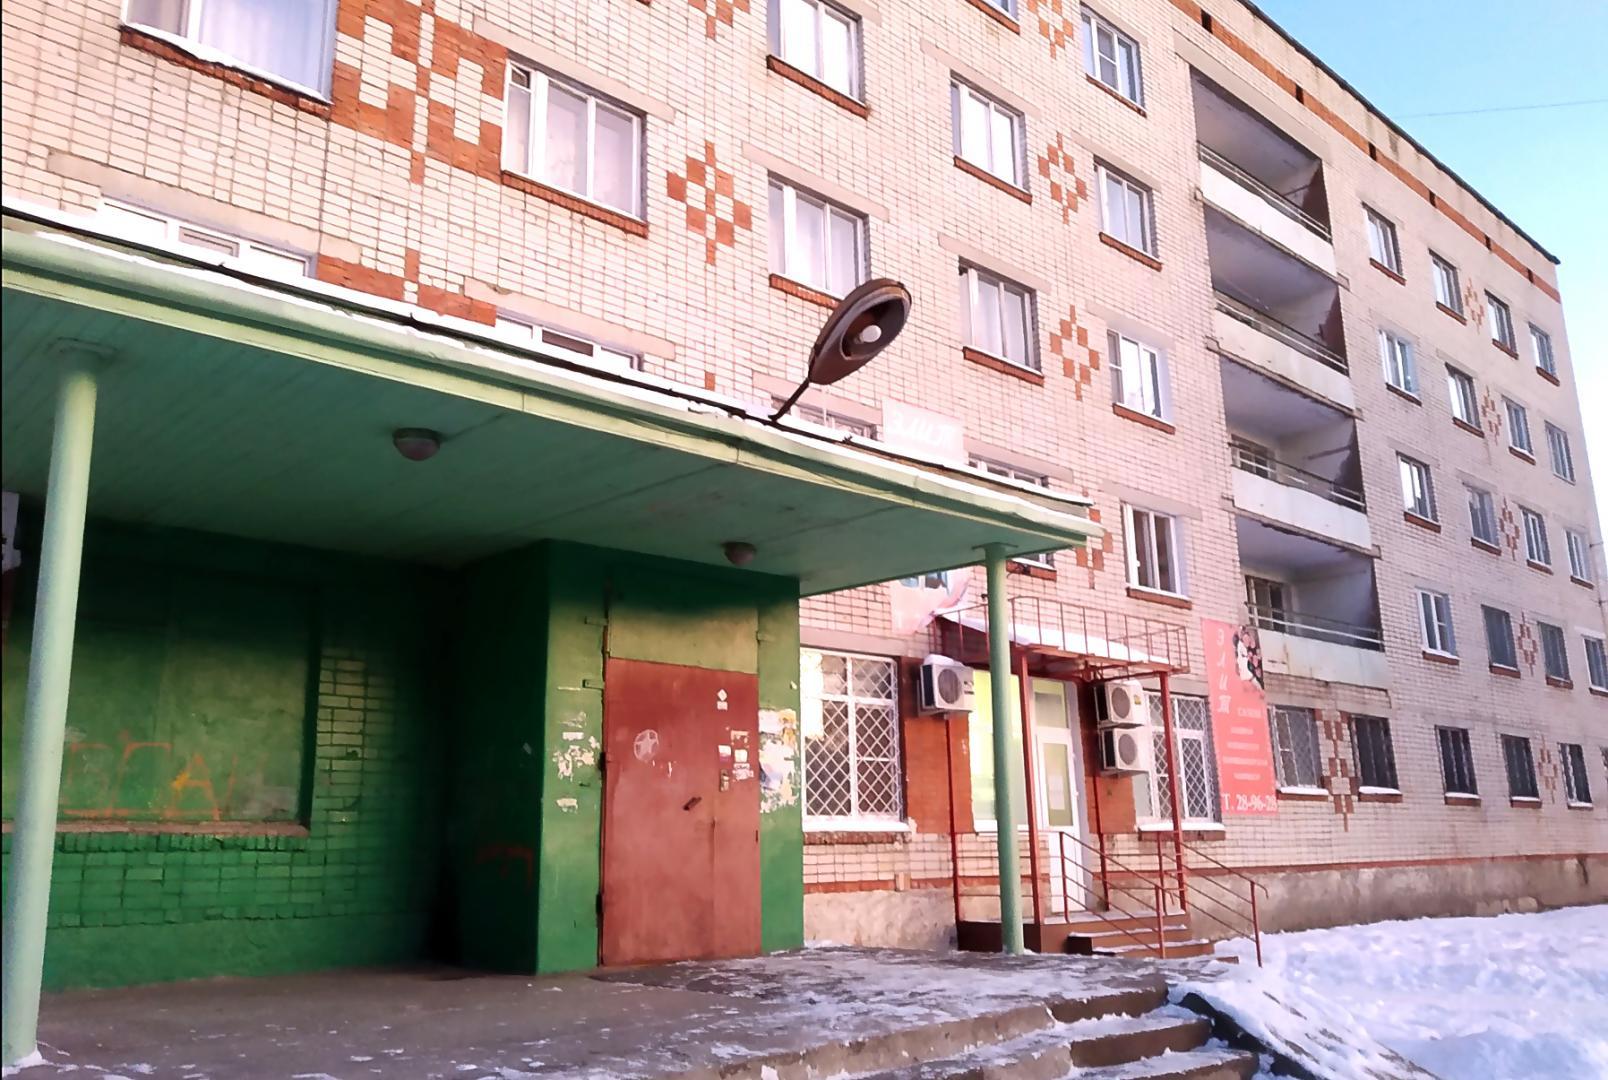 Продам комната по адресу Россия, Ярославская область, городской округ Рыбинск, Рыбинск, улица 9 Мая, 15 фото 11 по выгодной цене